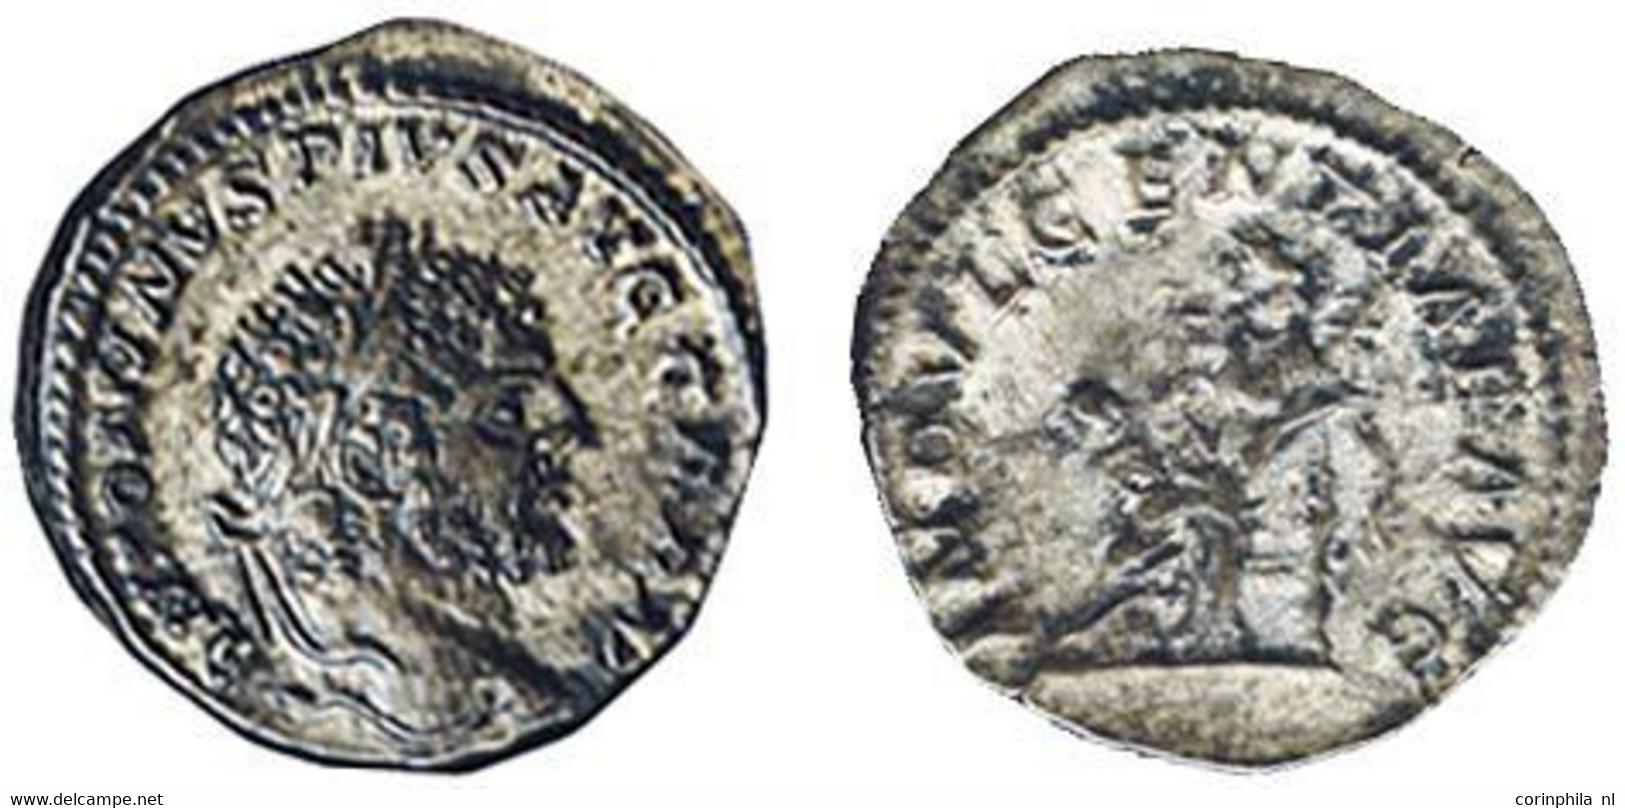 Roman Coins - Non Classificati